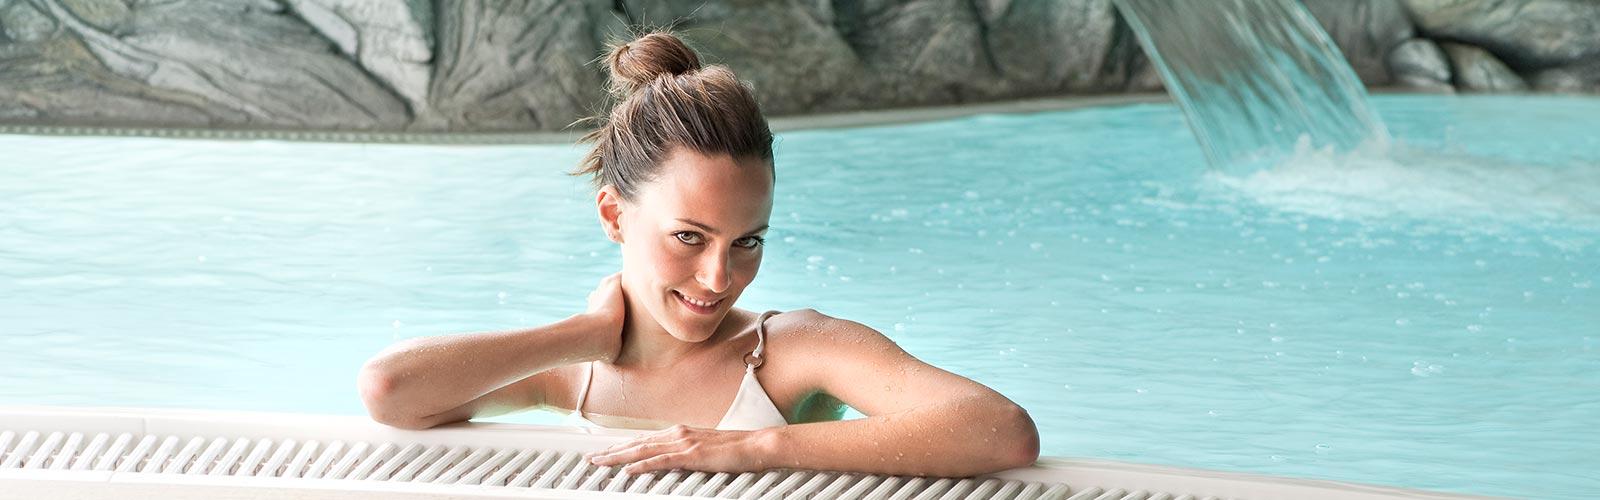 S&K GmbH Jacuzzi Whirlpool - Eine Frau im Schwimmbecken